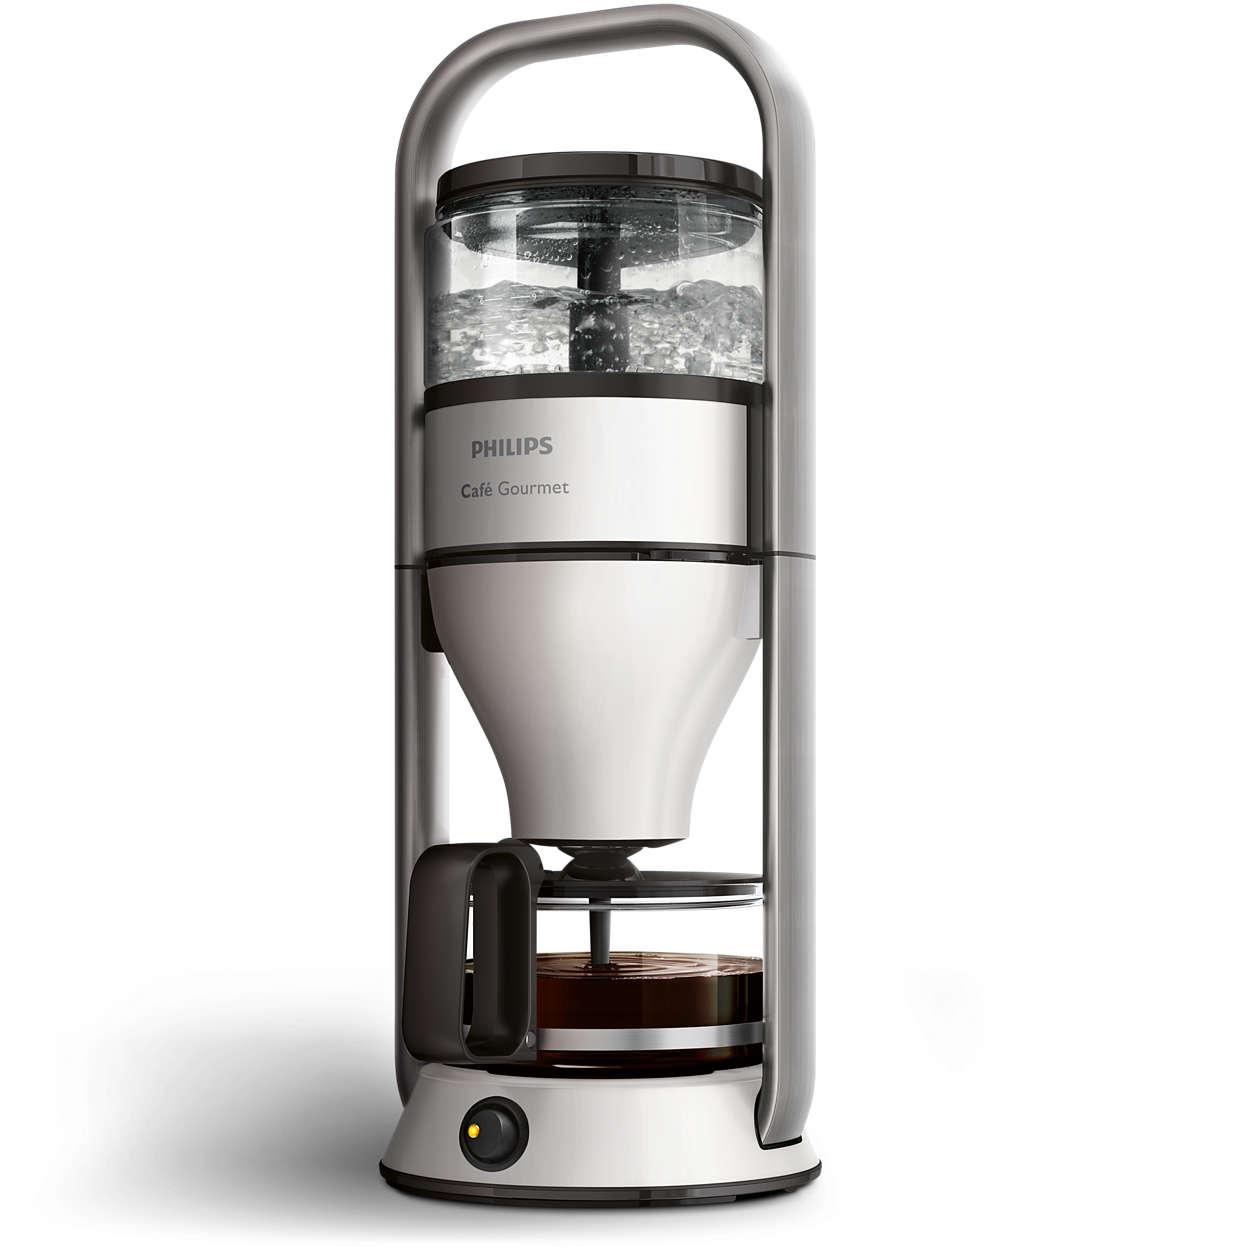 Le goût du café filtre maison, depuis 1988